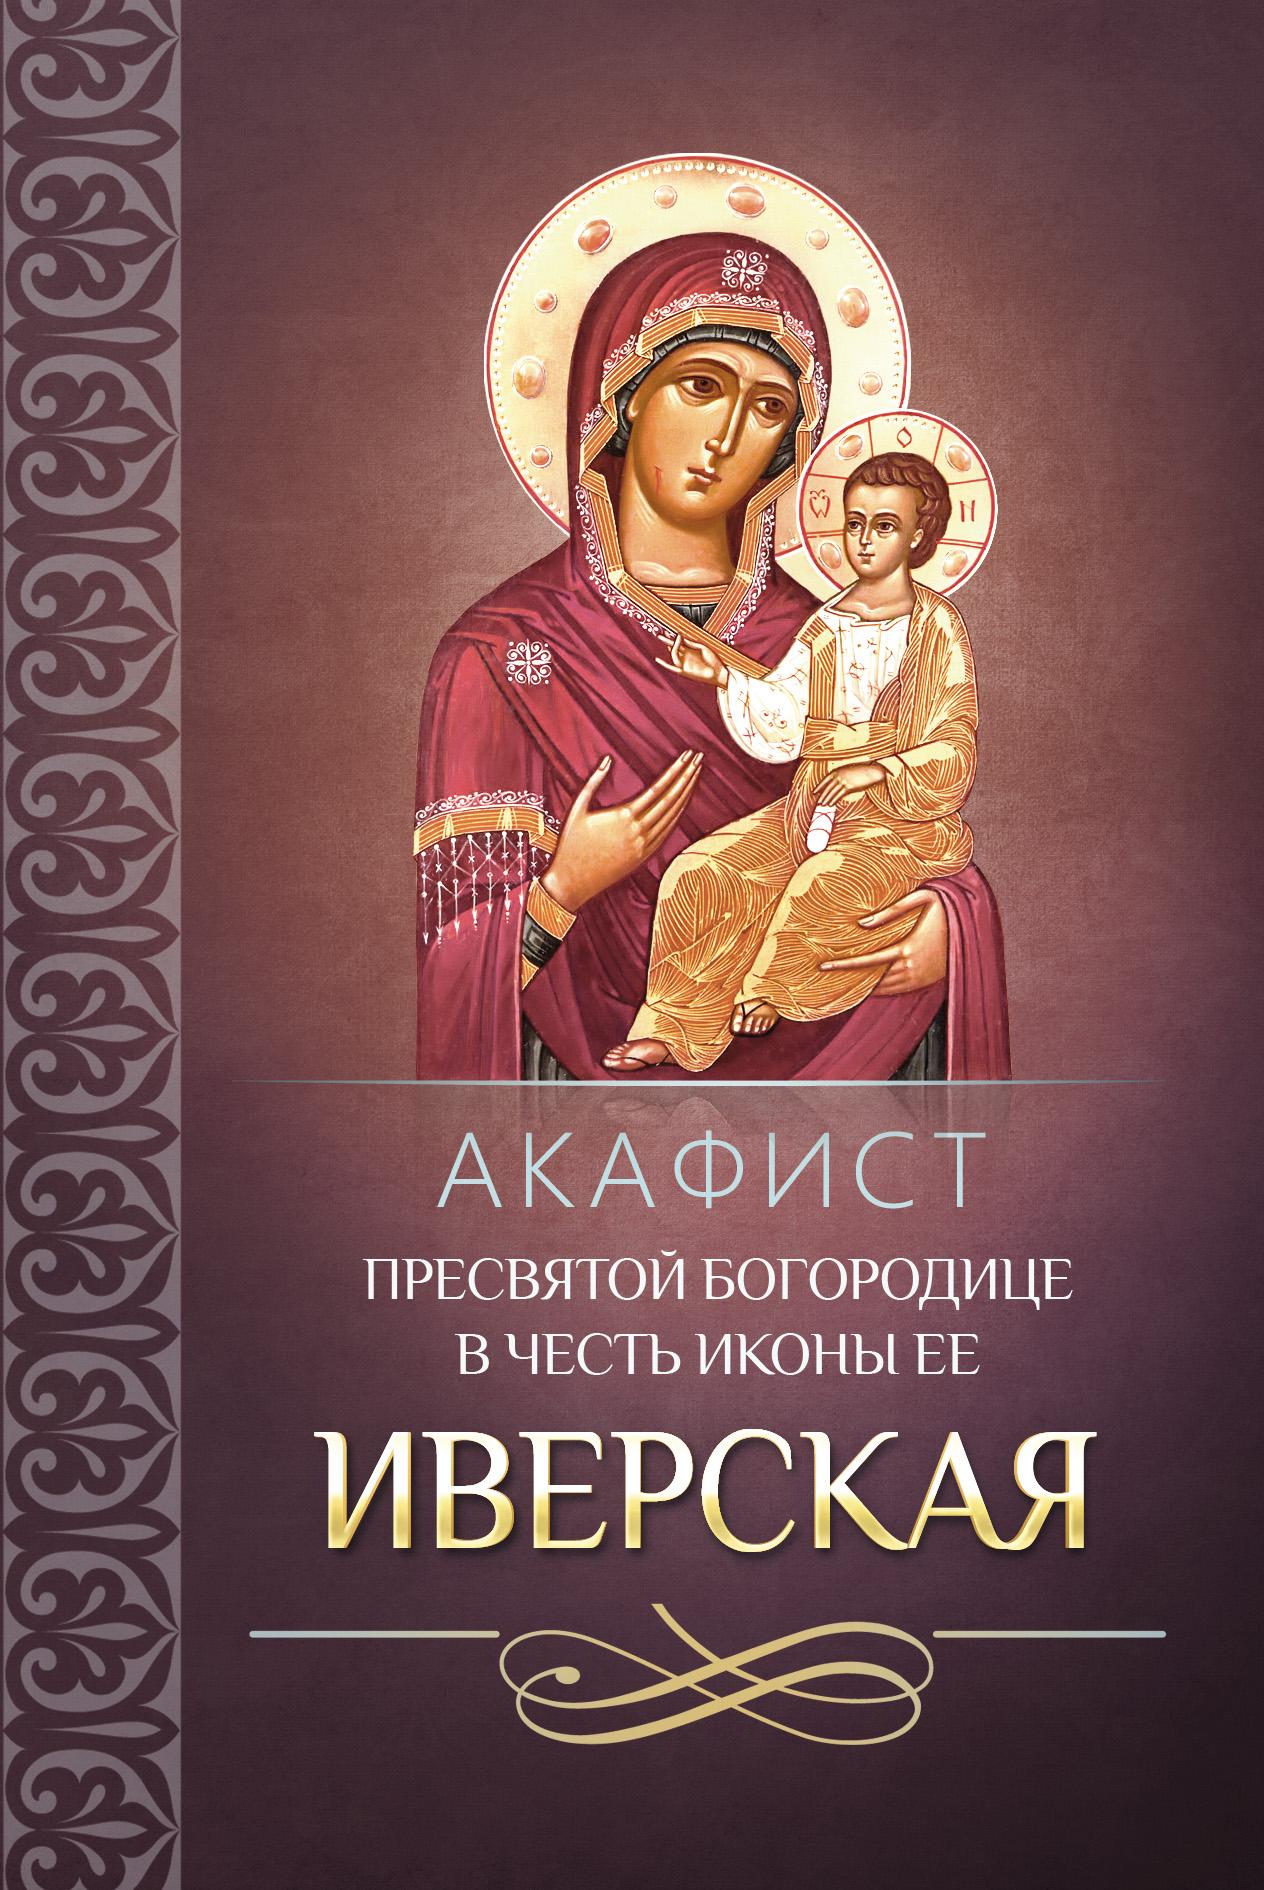 Сборник Акафист Пресвятой Богородице в честь иконы Ее Иверская